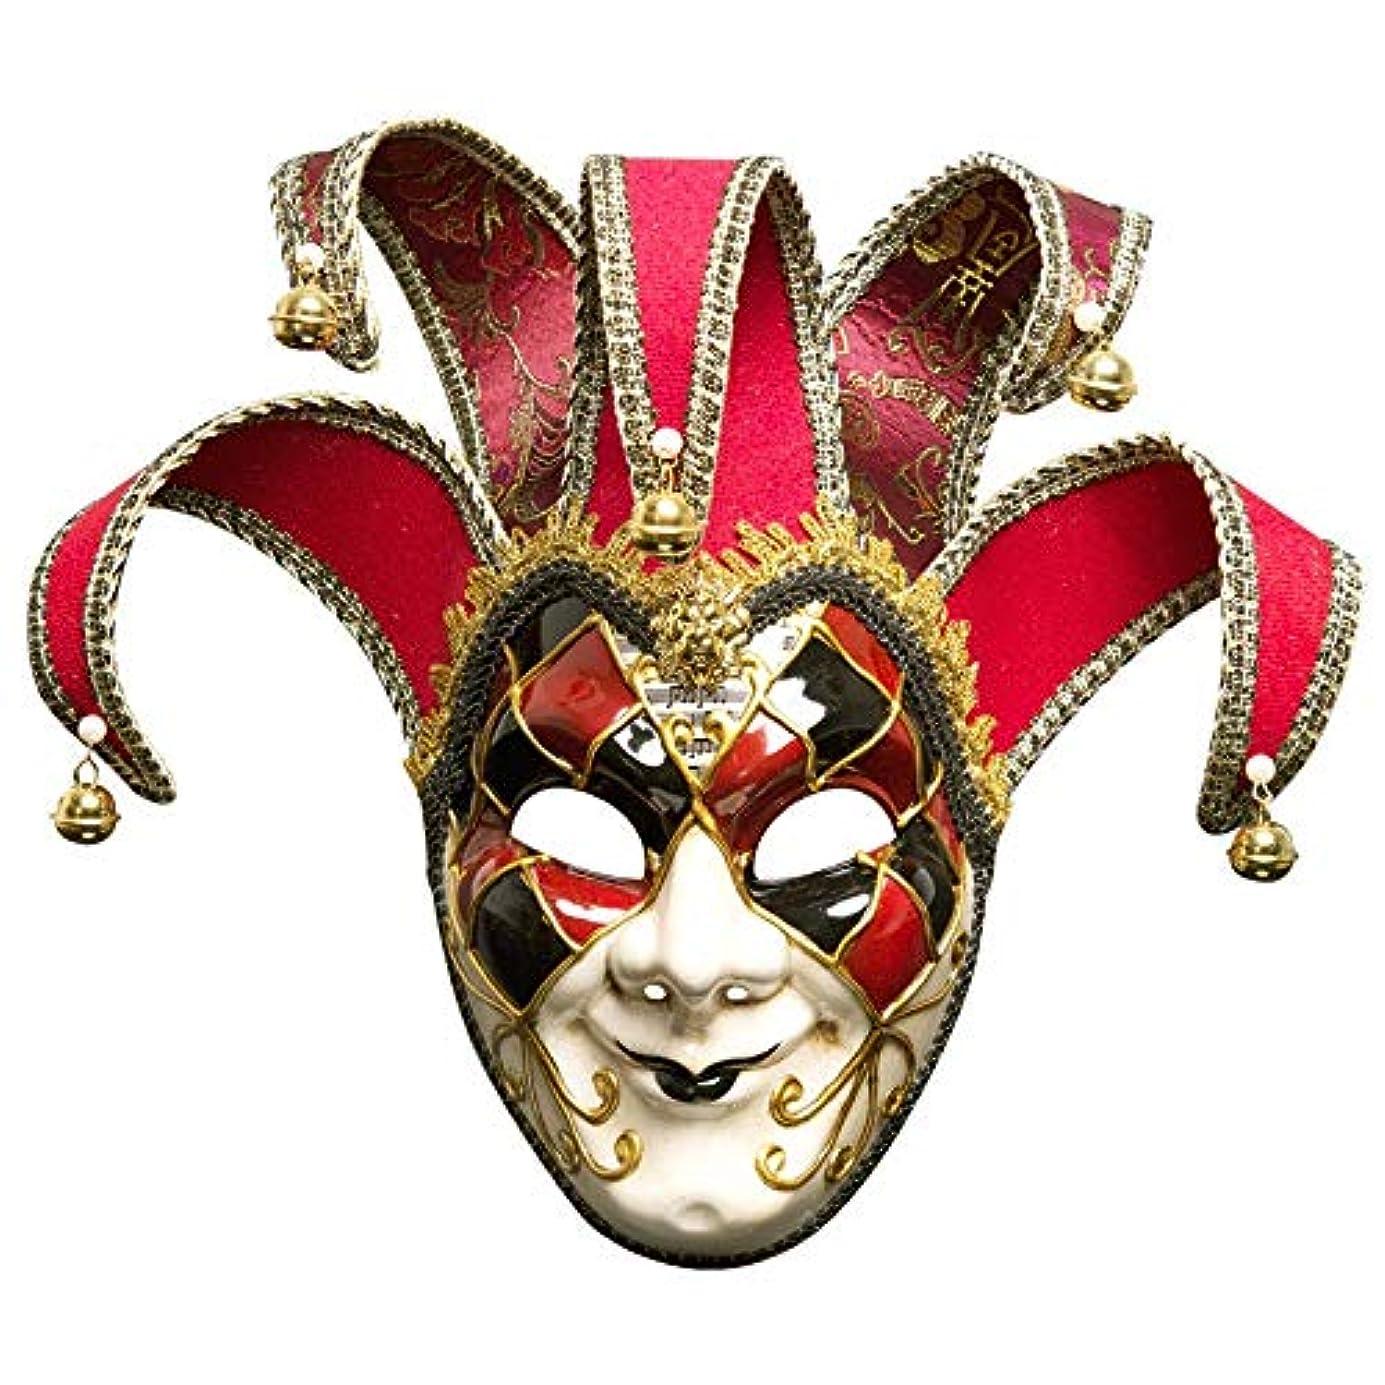 政治家ルーキー分配しますダンスマスク 雰囲気クリスマスフェスティバルロールプレイングプラスチックマスカレードマスクハロウィーンマスカレードマスク パーティーボールマスク (色 : 青, サイズ : 17x44cm)